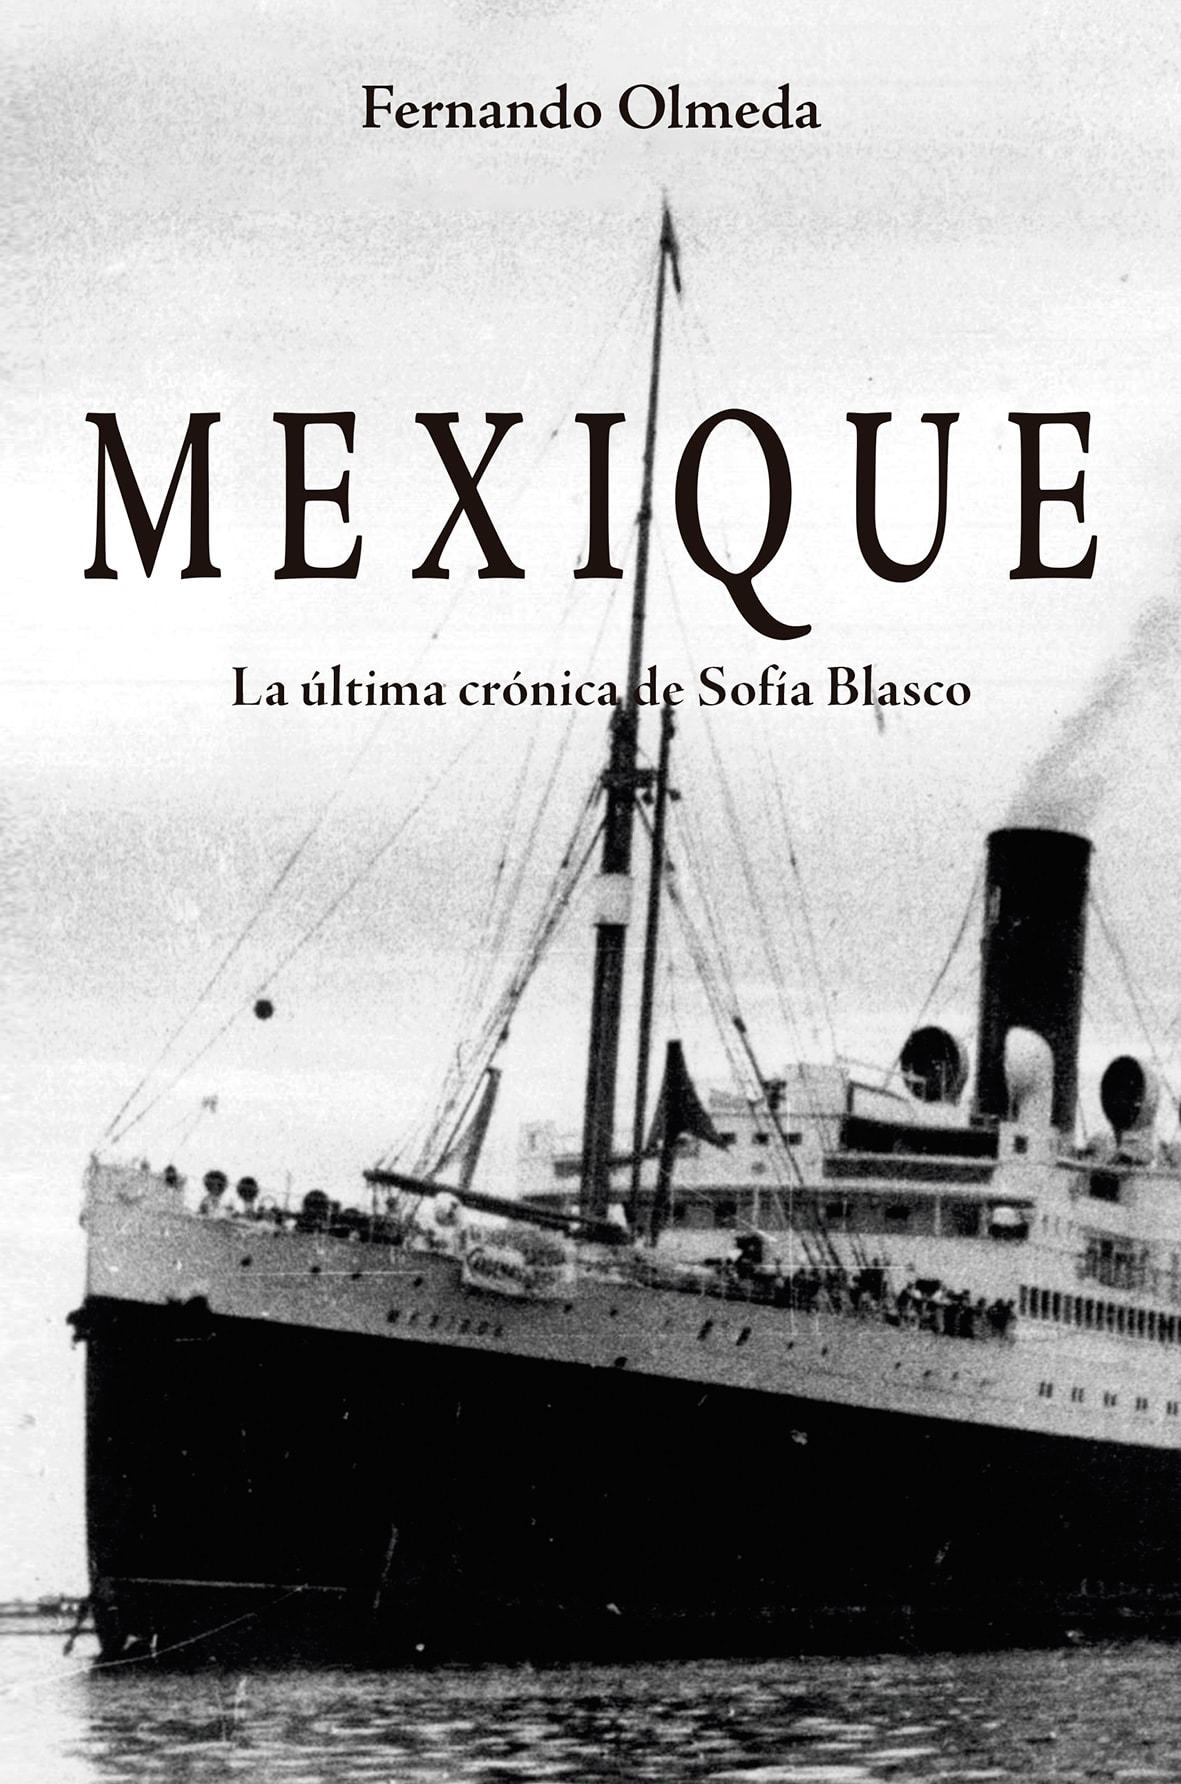 Mexique: La última crónica de Sofía Blasco